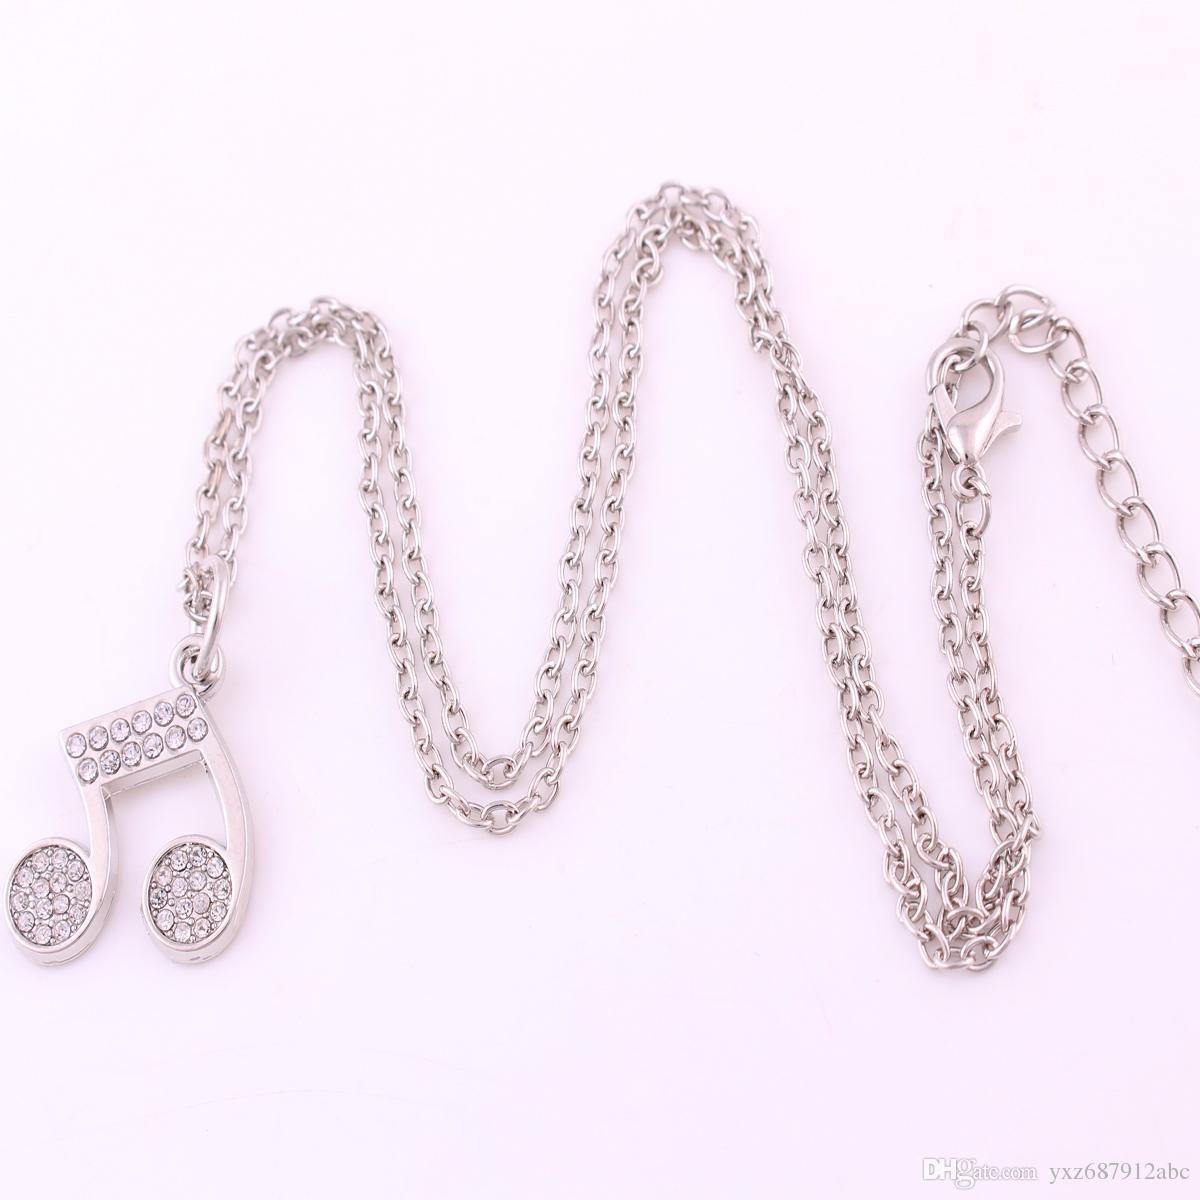 Crystal Music Uwaga Urok Wiszący Jewellery Srebrny Notacja Choker Link Łańcuch Naszyjnik Darmowa Wysyłka